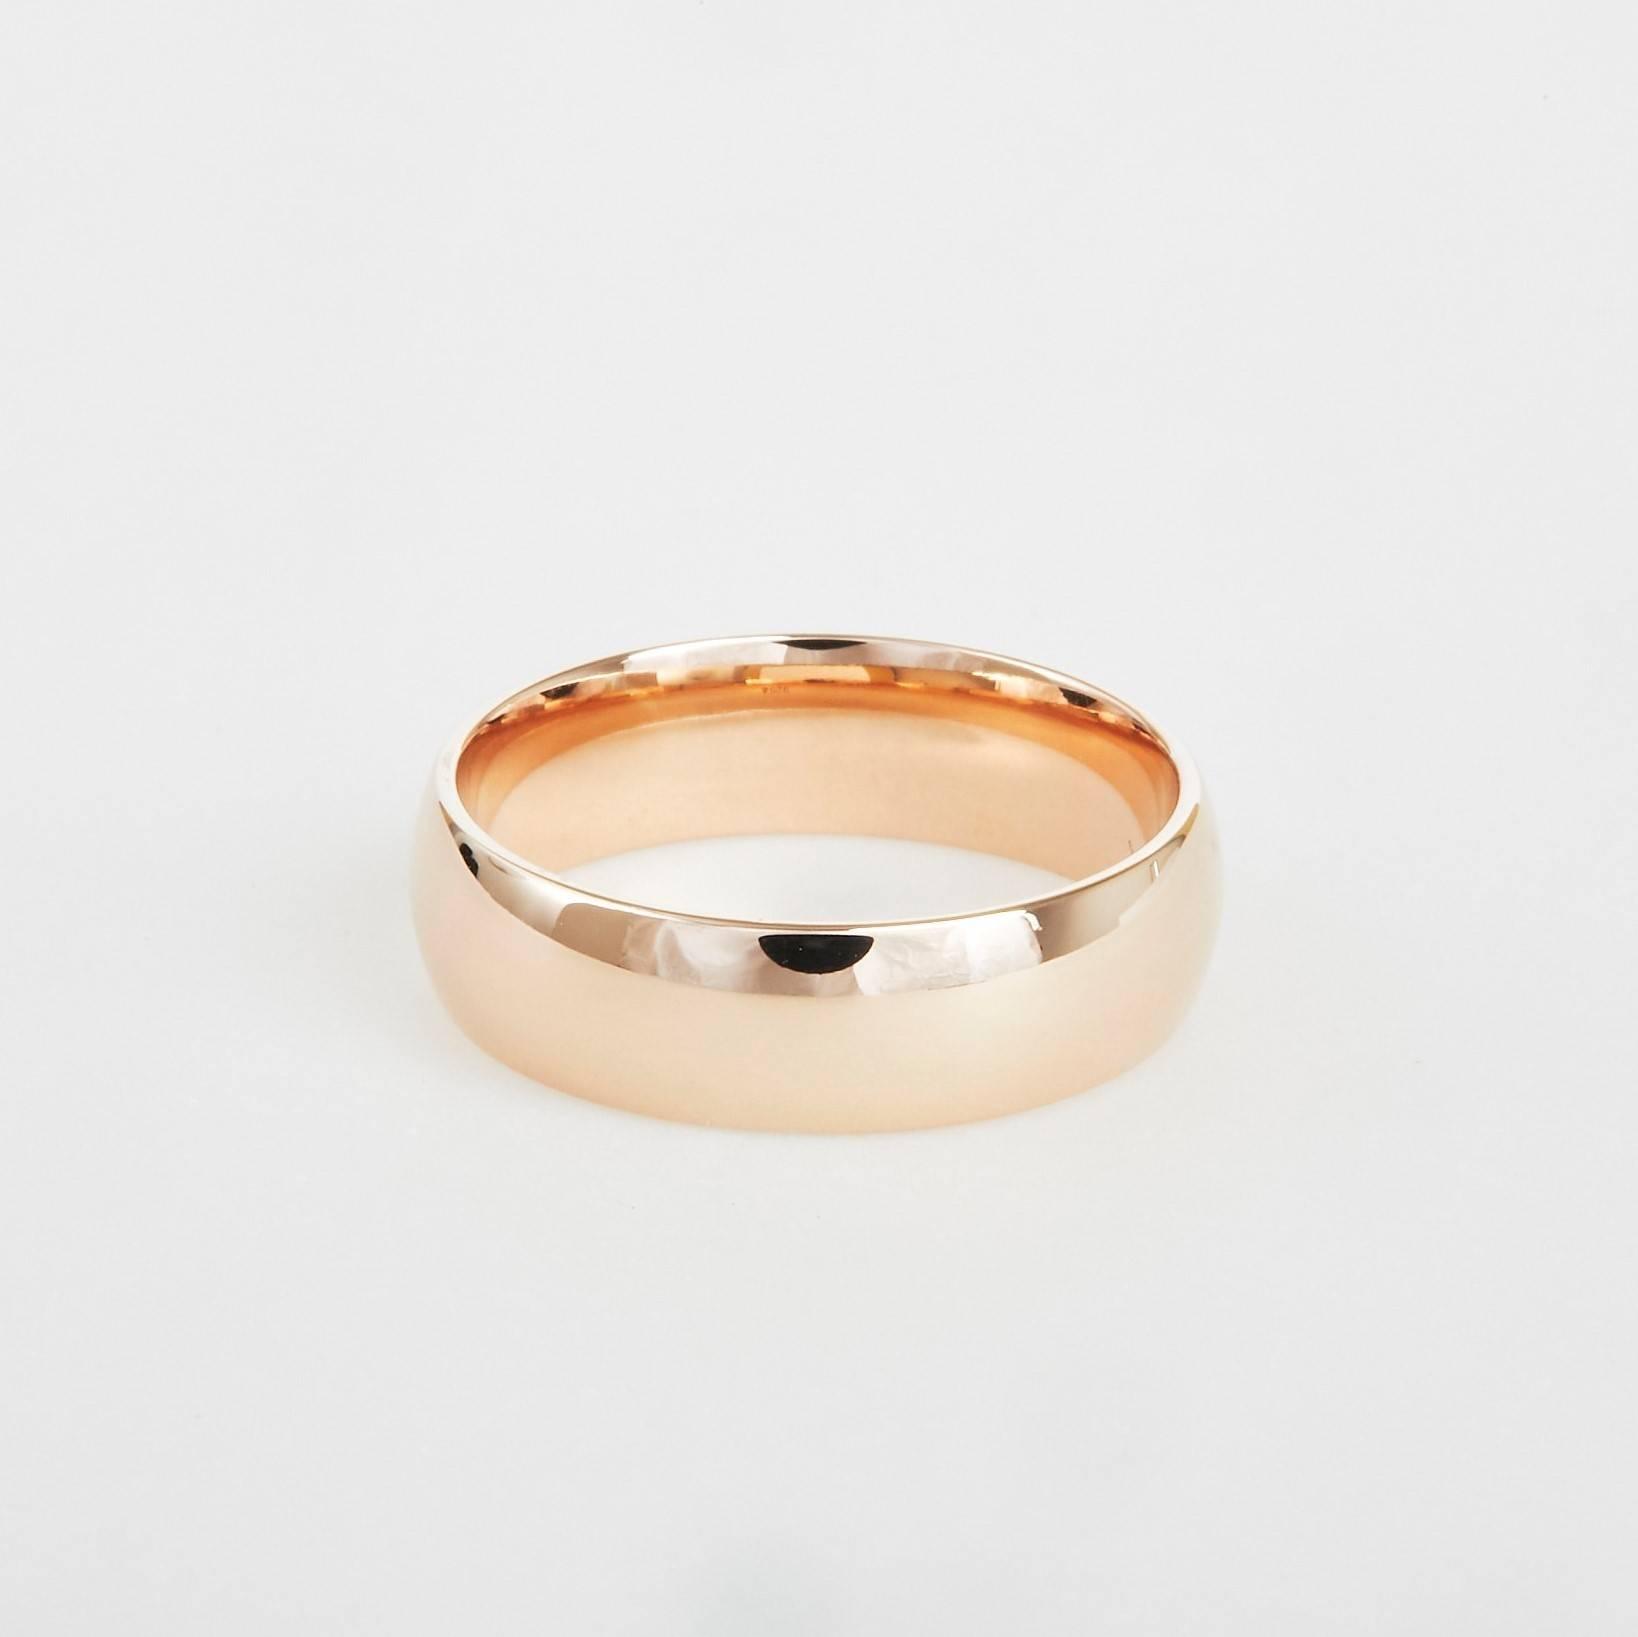 rose gold wedding bands